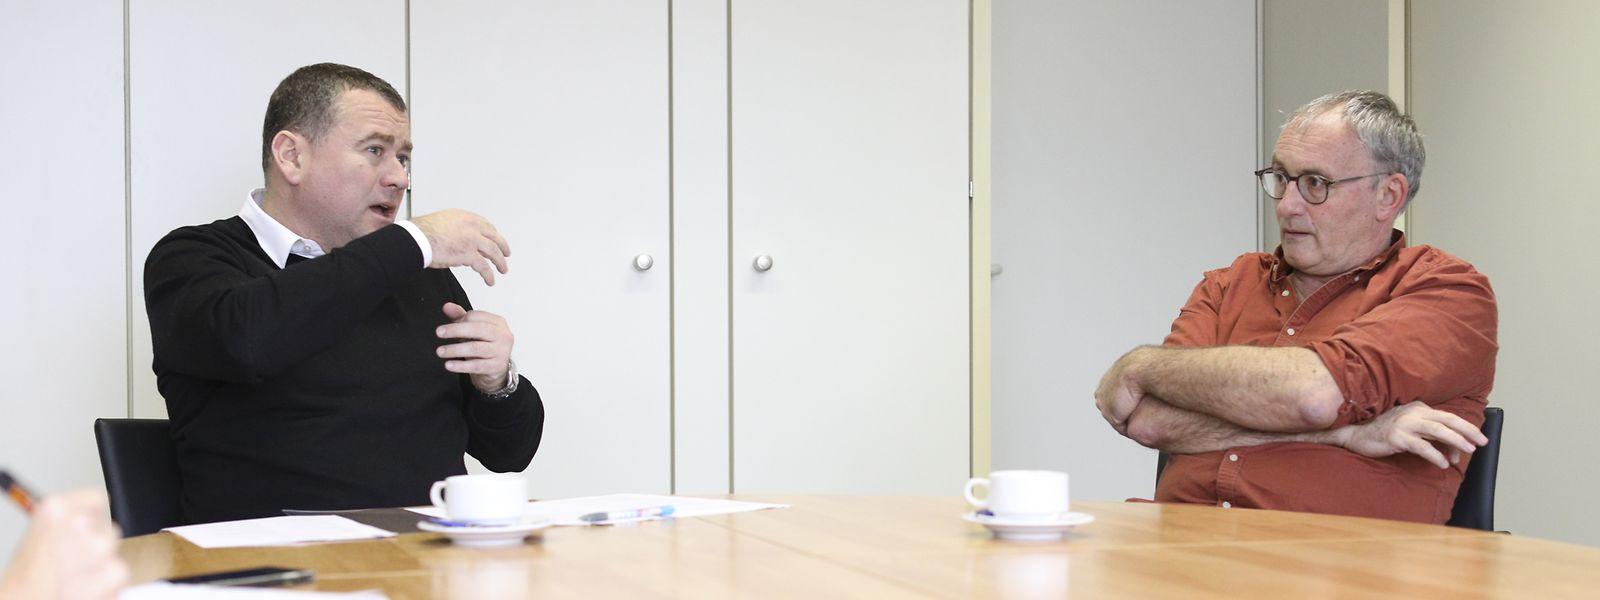 SNE-Präsident Patrick Remakel (l.) und SEW-Präsident Patrick Arendt sehen in der Überbürokratisierung des Grundschulwesens ein großes Problem.